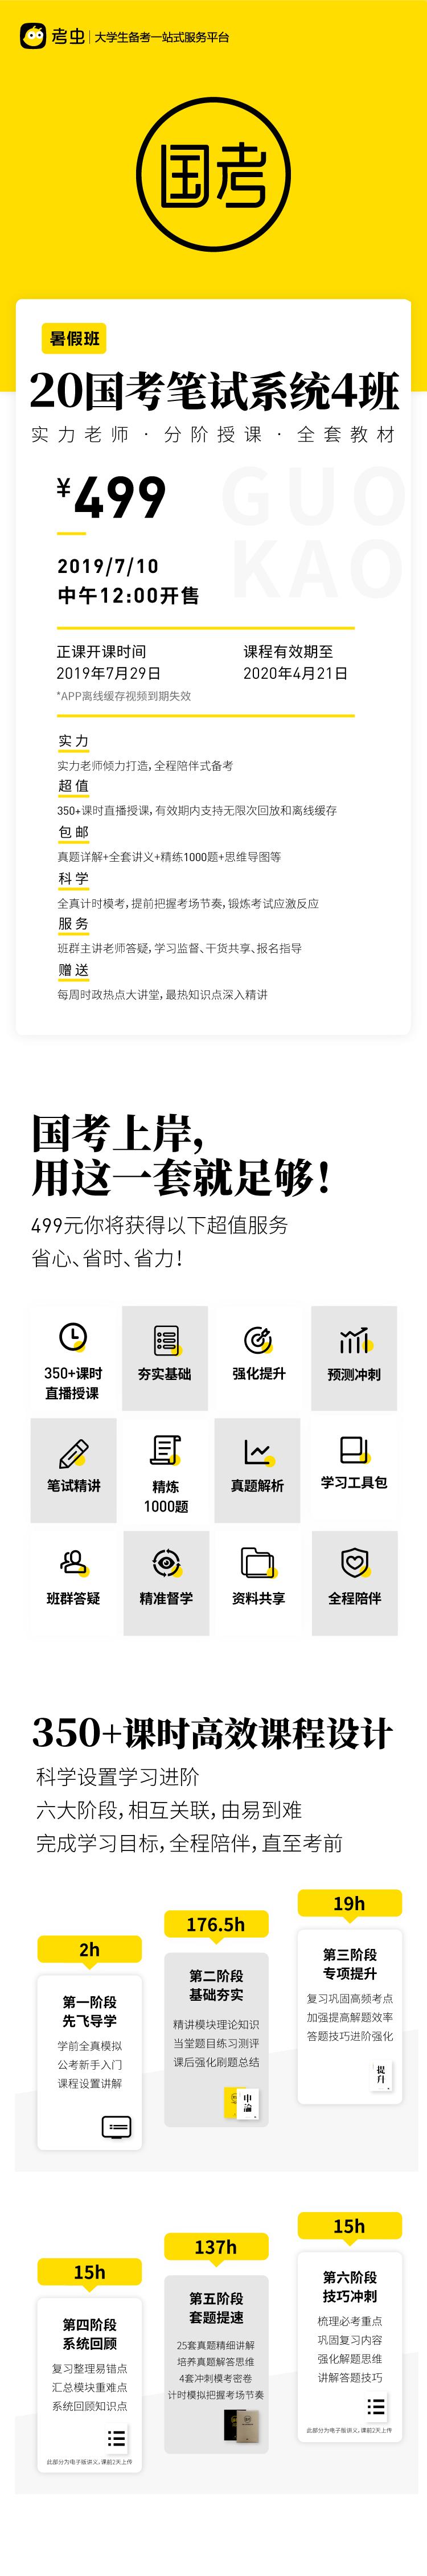 國考詳情頁1-100.jpg